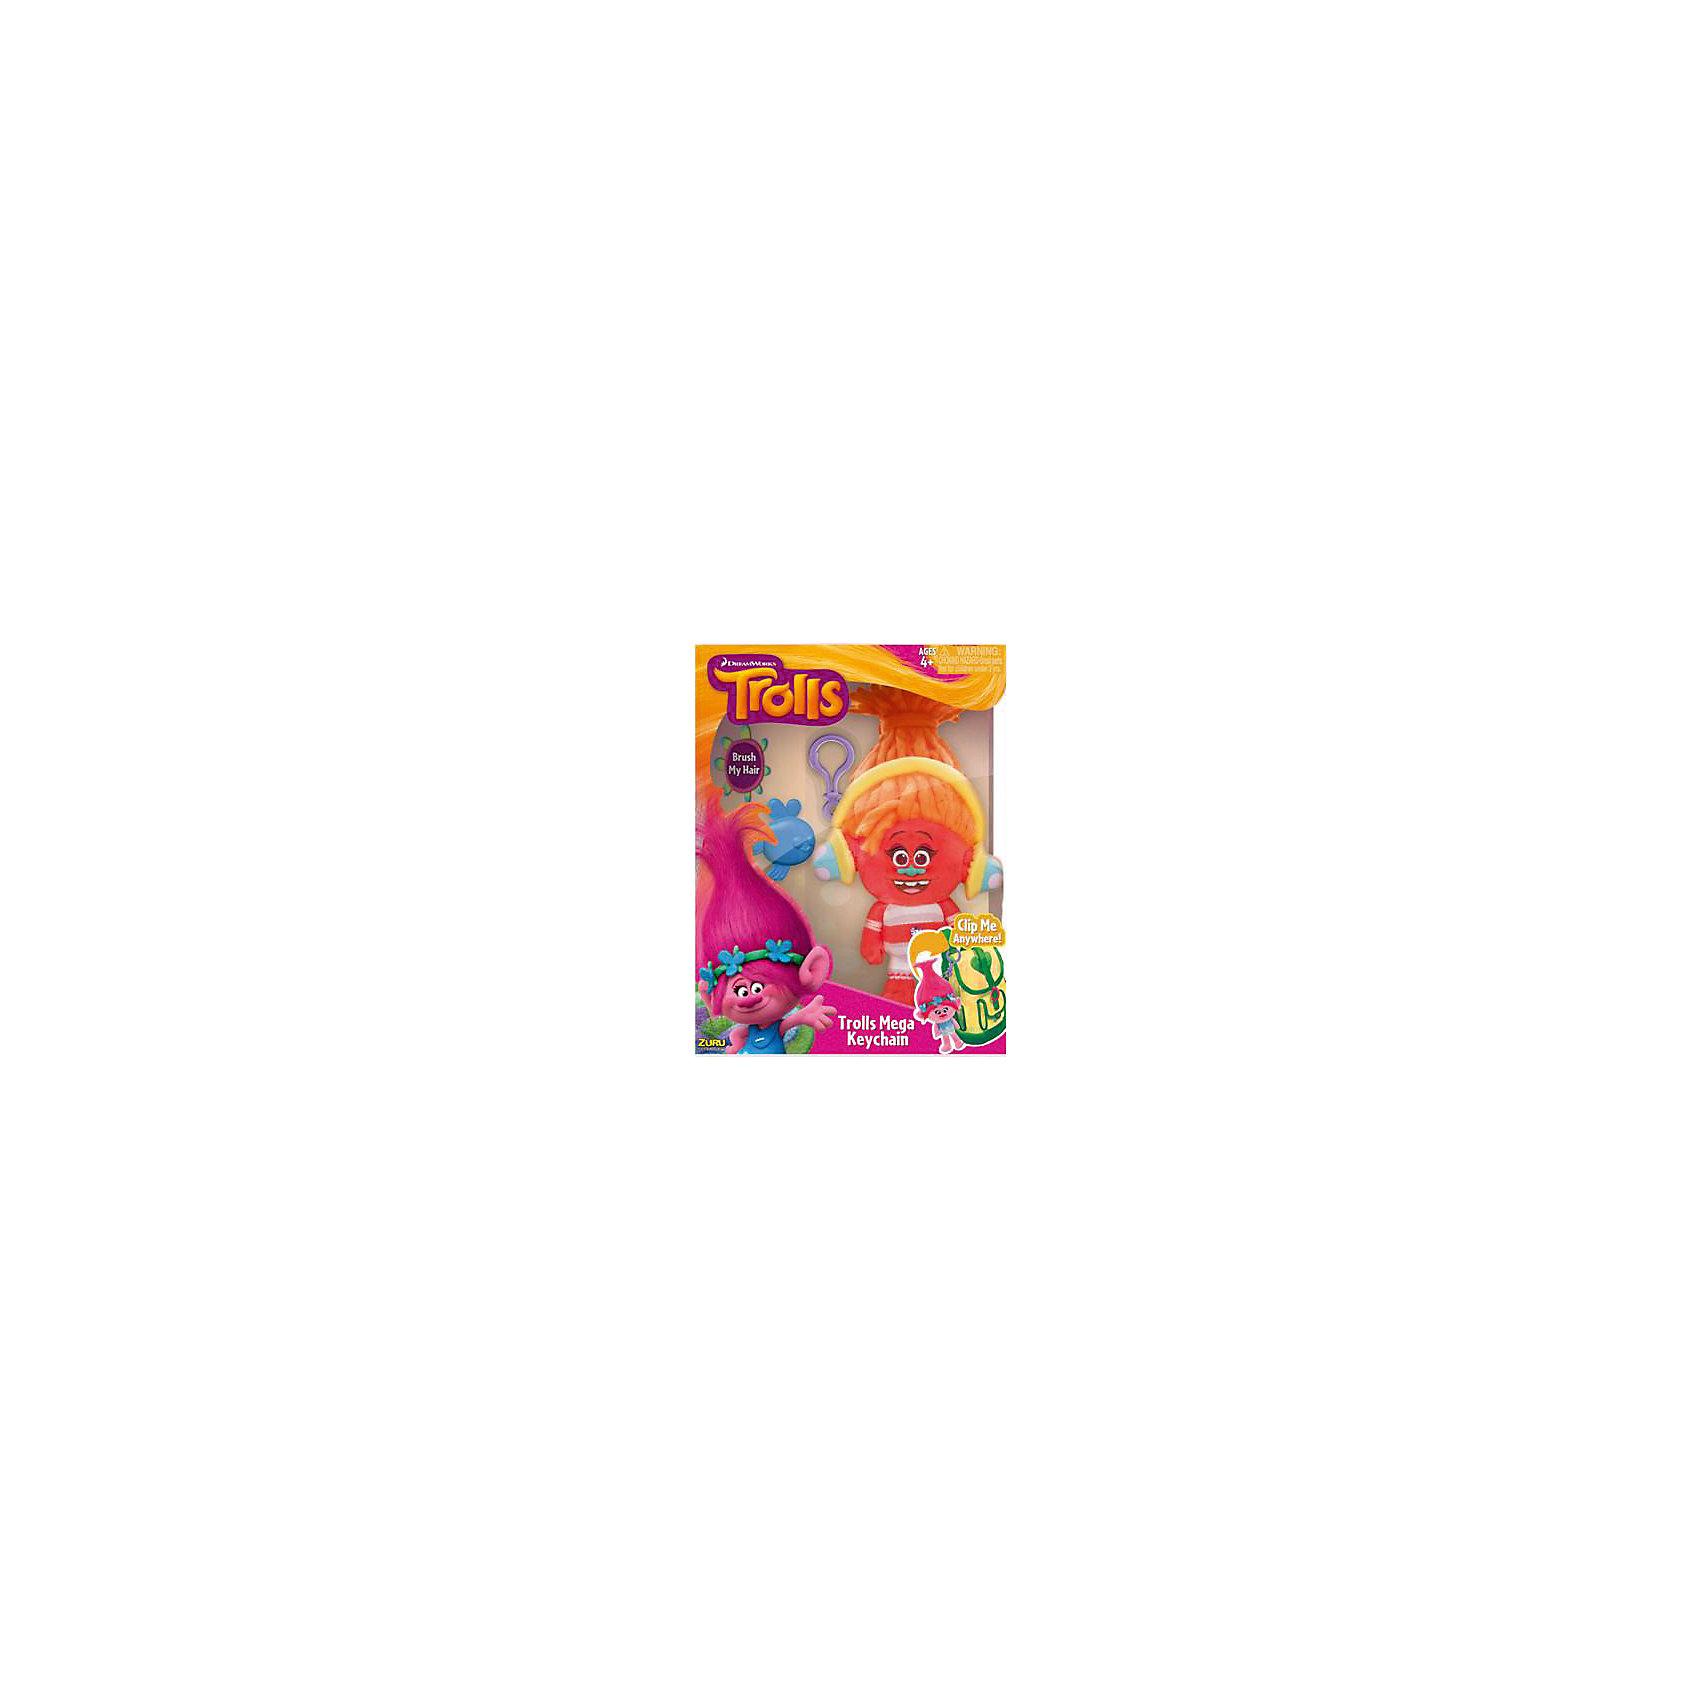 Фигурка Тролля DJ Suki, на брелке в наборе с расческой, ТроллиКоллекционные и игровые фигурки<br>Характеристики фигурки Тролля DJ Suki, на брелке в наборе с расческой:<br><br>- возраст: от 4 лет<br>- пол: для девочек<br>- тип игрушки: брелок<br>- упаковка: коробка<br>- материал: полимер, текстиль<br>- тематика: фигурки герои мультфильмов<br>- размеры: высота фигурки - 70 мм <br>- вес в упаковке: 105г<br>- размер упаковки: 16 * 14.5 * 5<br>- состав: фигурка-брелок, расческа<br><br>Фигурка-брелок Тролли (Trolls)- это забавный брелок с героем нового мультфильма про Троллей. С таким модным акссесуаром Ваш ребенок станет самым модным! Его можно повесить на сумку, кошелёк или на телефон. У брелока есть надёжное крепление, с которым он никогда не отвалится и не потеряется. Фигурка тролля изготовлена из качественного пластика ярких цветов, который точно привлечёт внимание окружающих! Также в наборе есть такой важный для любого тролля аксессуар, как расчёска. <br><br>Фигурку Тролля DJ Suki, на брелке в наборе с расческой можно купить в нашем интернет-магазине<br><br>Ширина мм: 150<br>Глубина мм: 50<br>Высота мм: 160<br>Вес г: 100<br>Возраст от месяцев: 36<br>Возраст до месяцев: 192<br>Пол: Унисекс<br>Возраст: Детский<br>SKU: 5030526